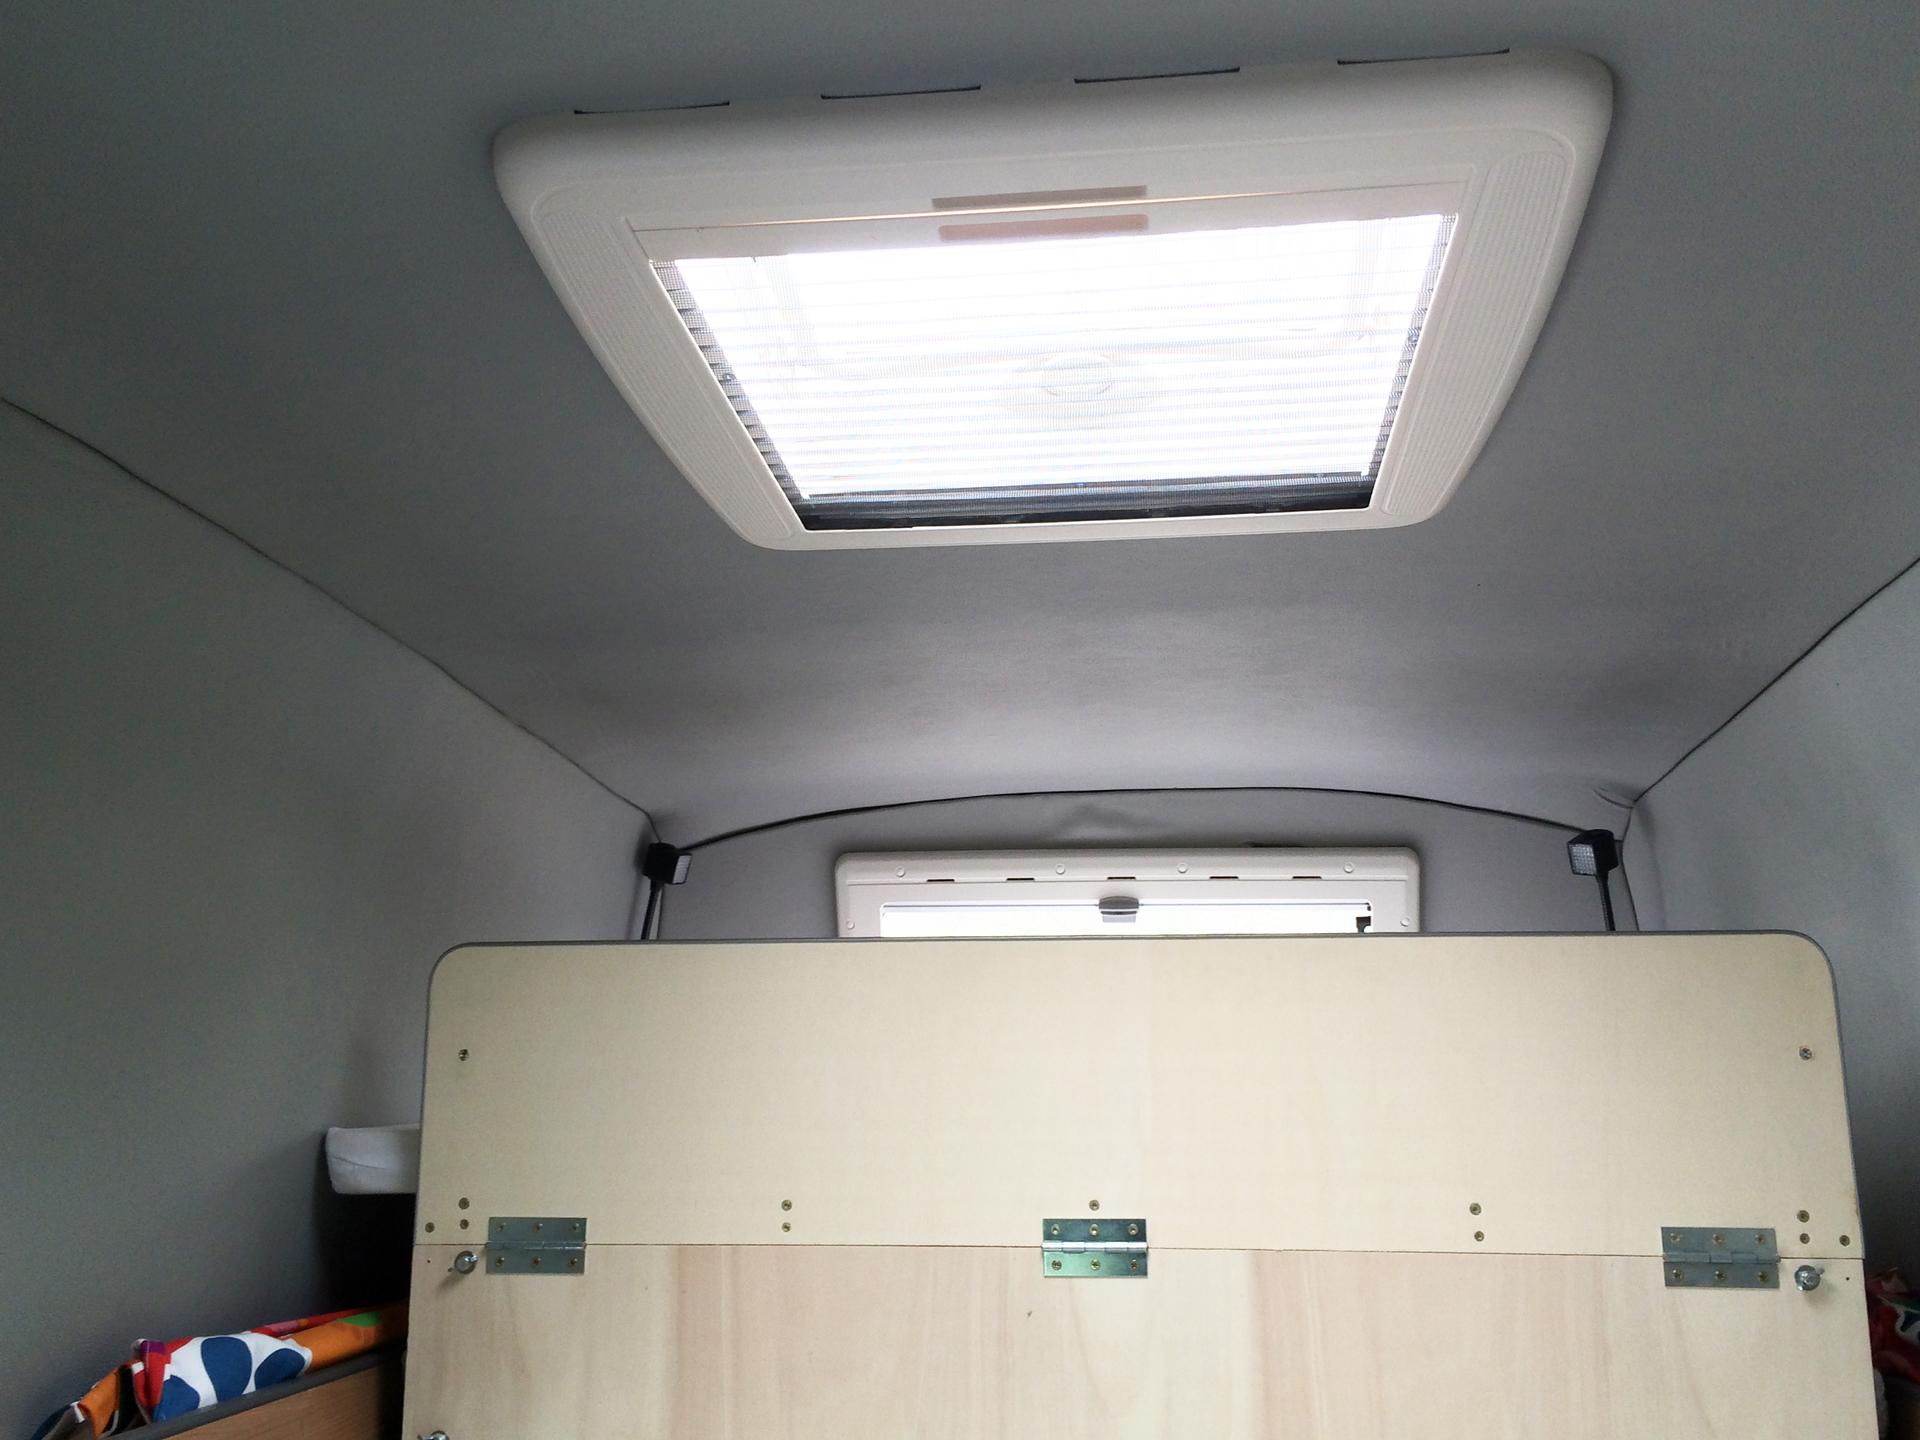 ich baue einen vw t5 zum camping bus um planung. Black Bedroom Furniture Sets. Home Design Ideas